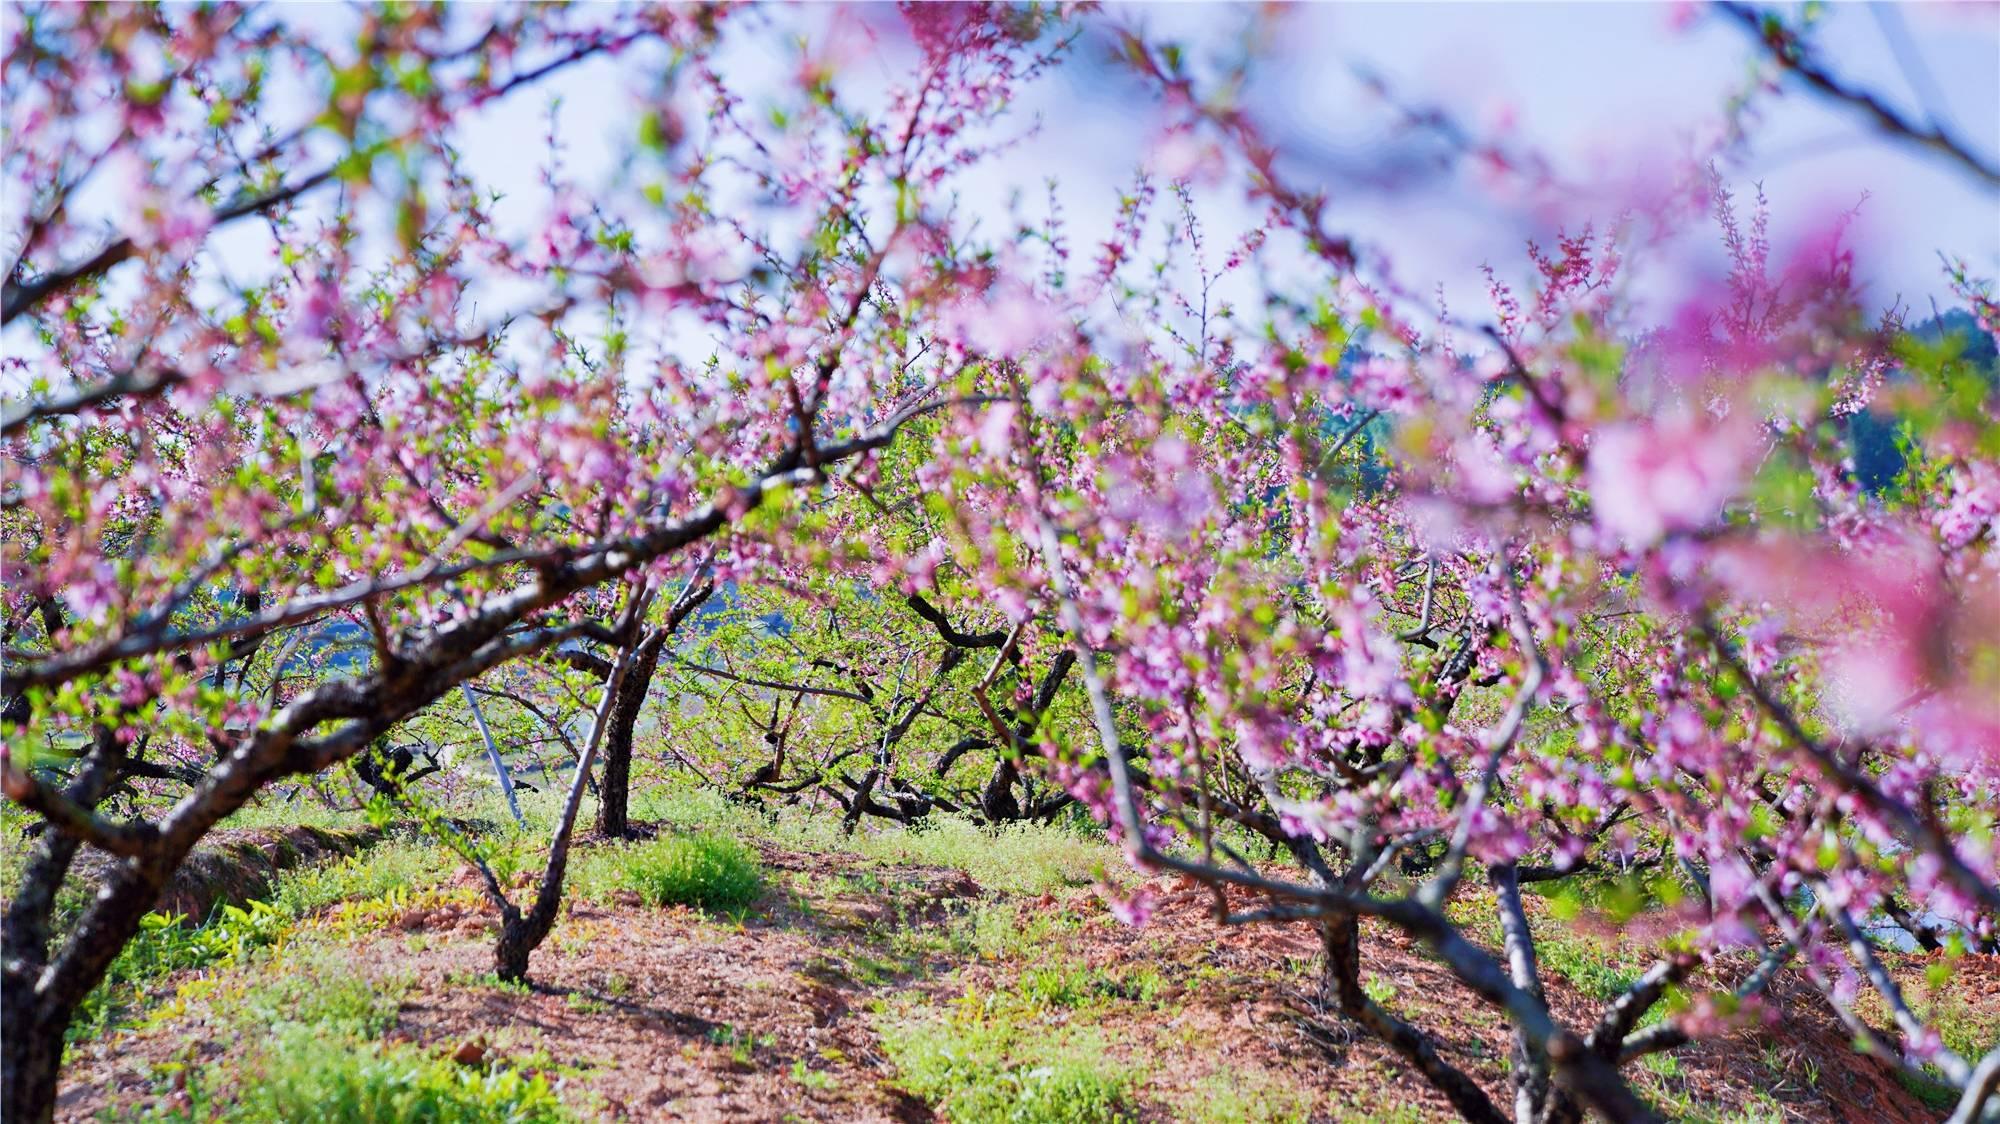 原创             福建有个名副其实的世外桃源,5000多亩果树秘境,建宁版托斯卡纳